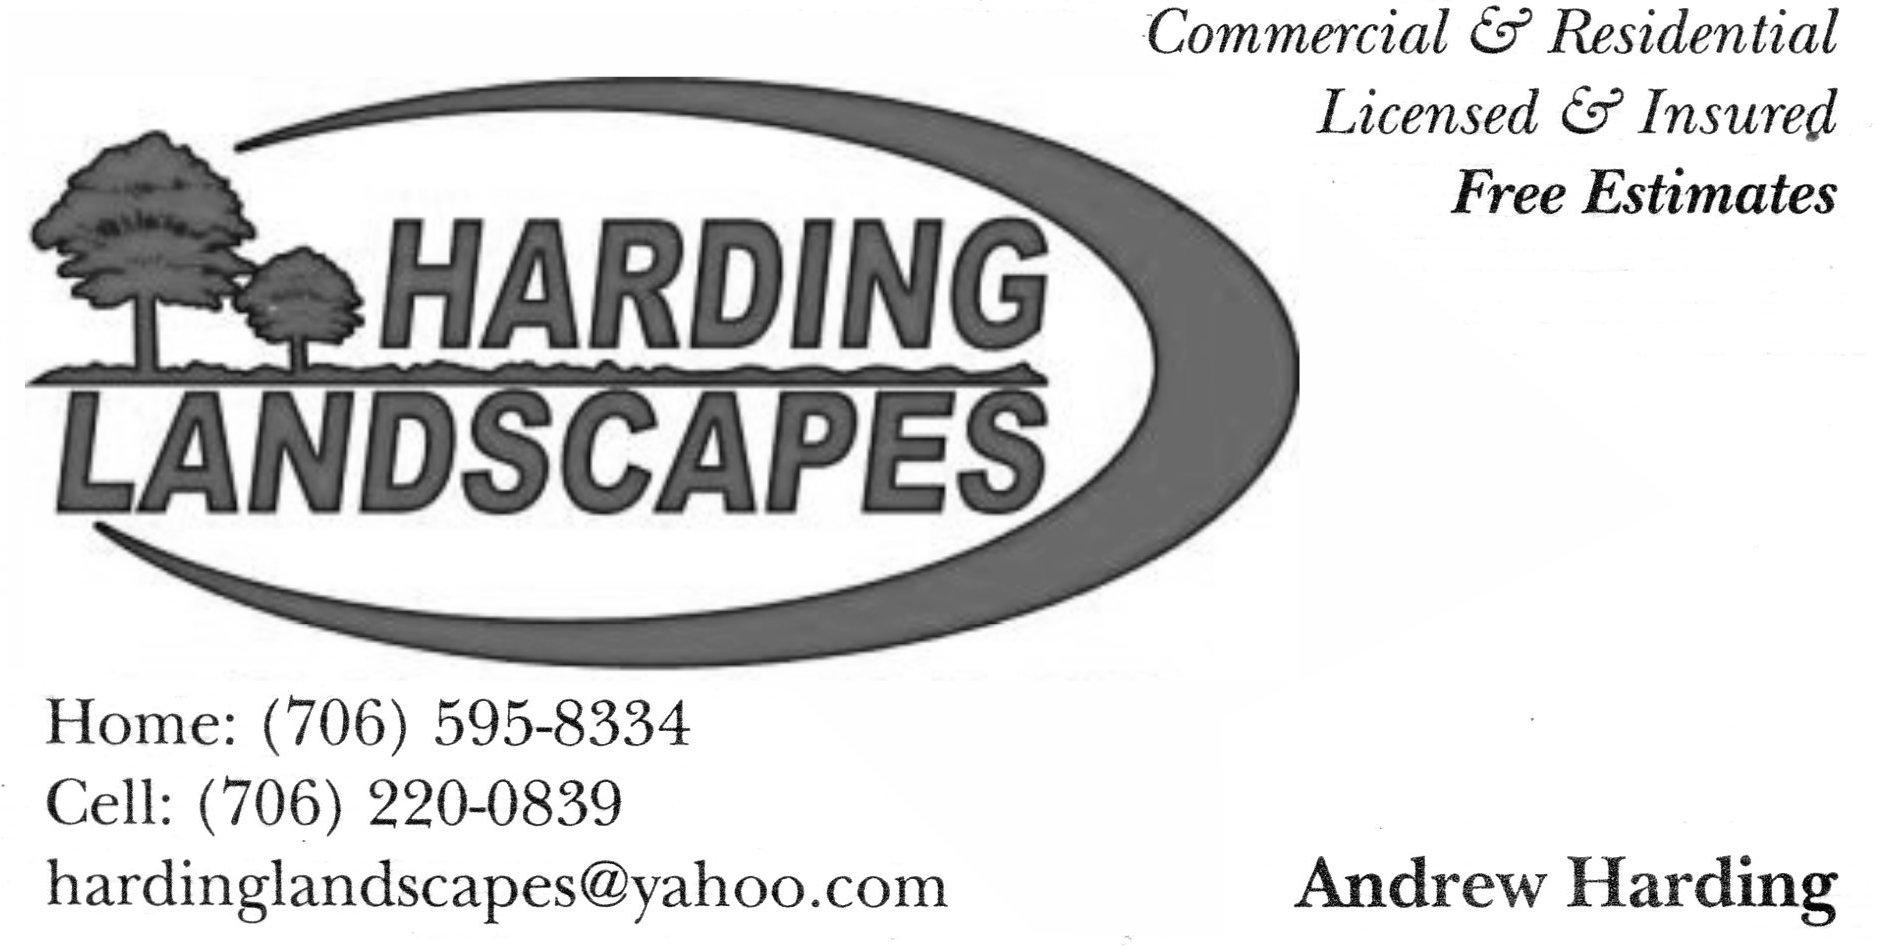 HARDING LANDSCAPES